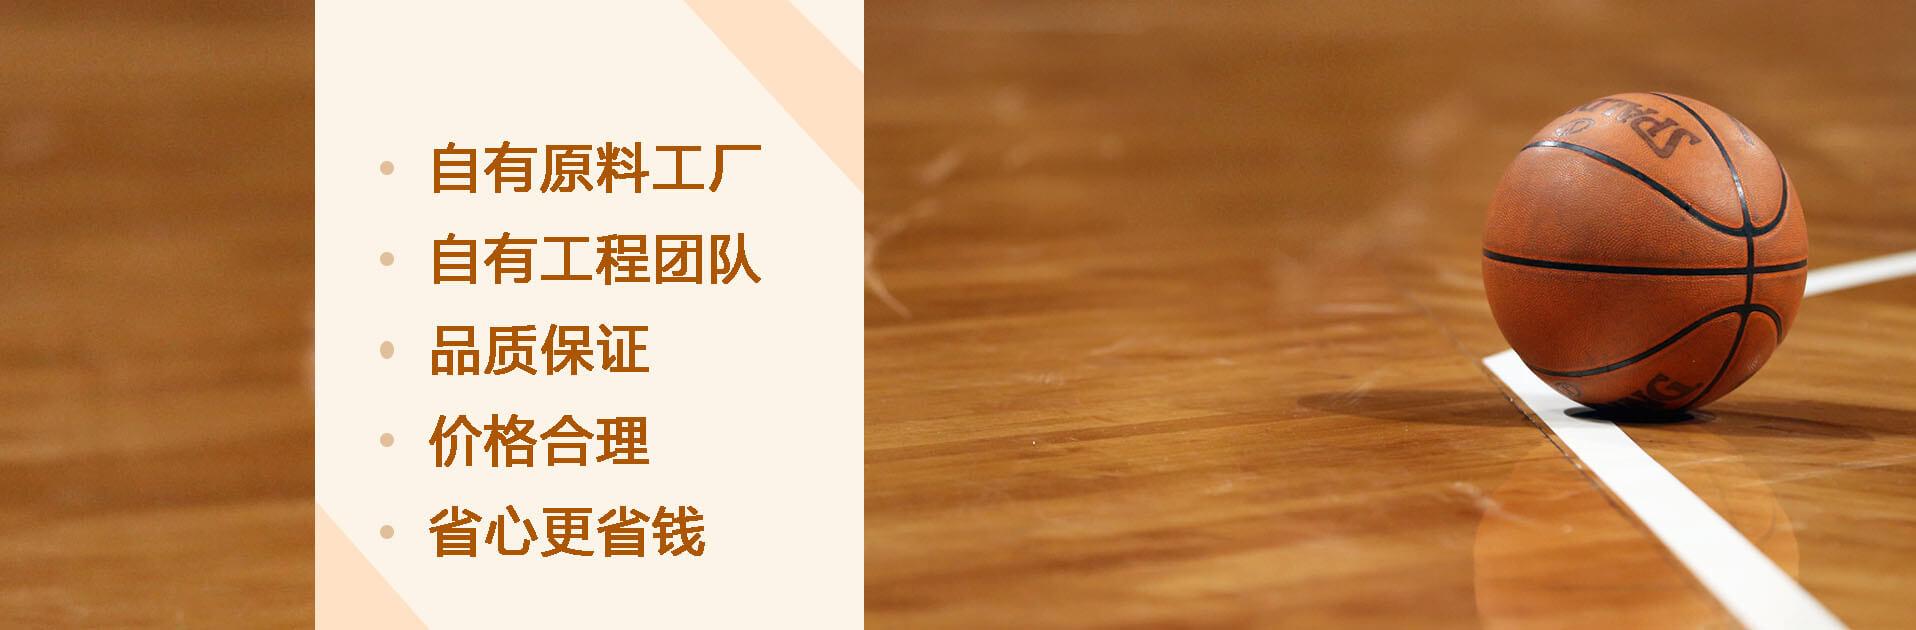 常年稳定供货,pinzhi保障,价格合li